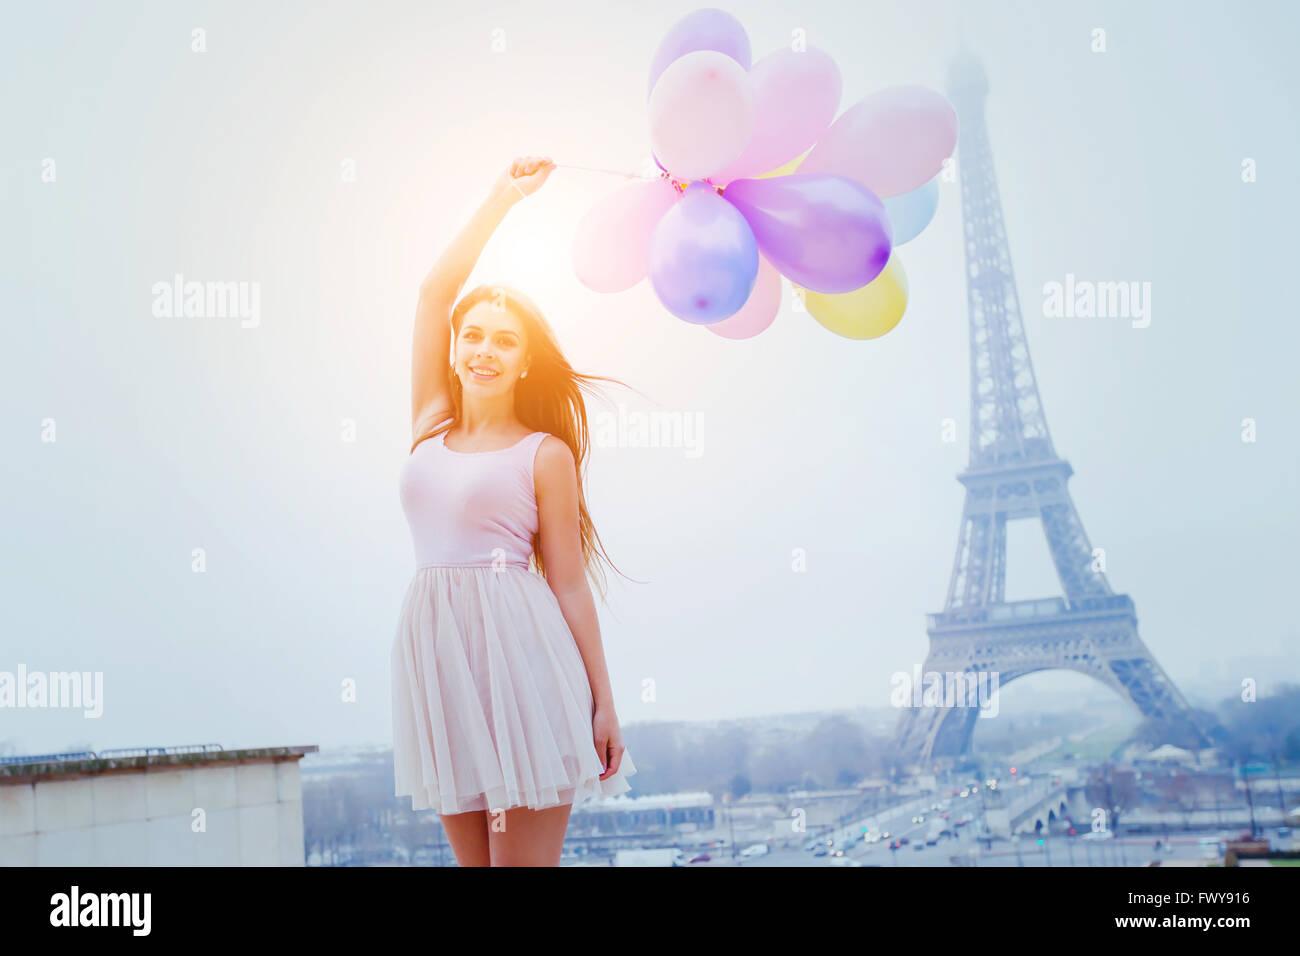 Vacances à Paris, rêves colorés, happy girl with balloons près de Eiffel tower Photo Stock